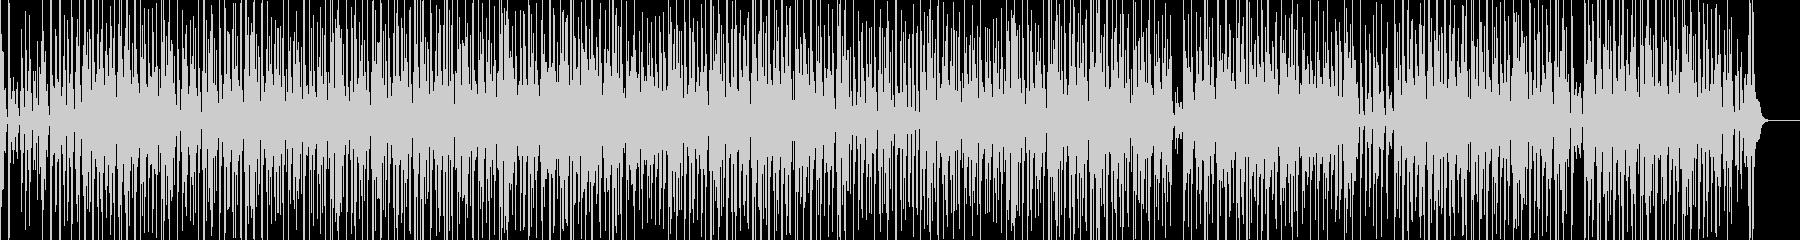 ファンキーな三味線ヒップホップの未再生の波形